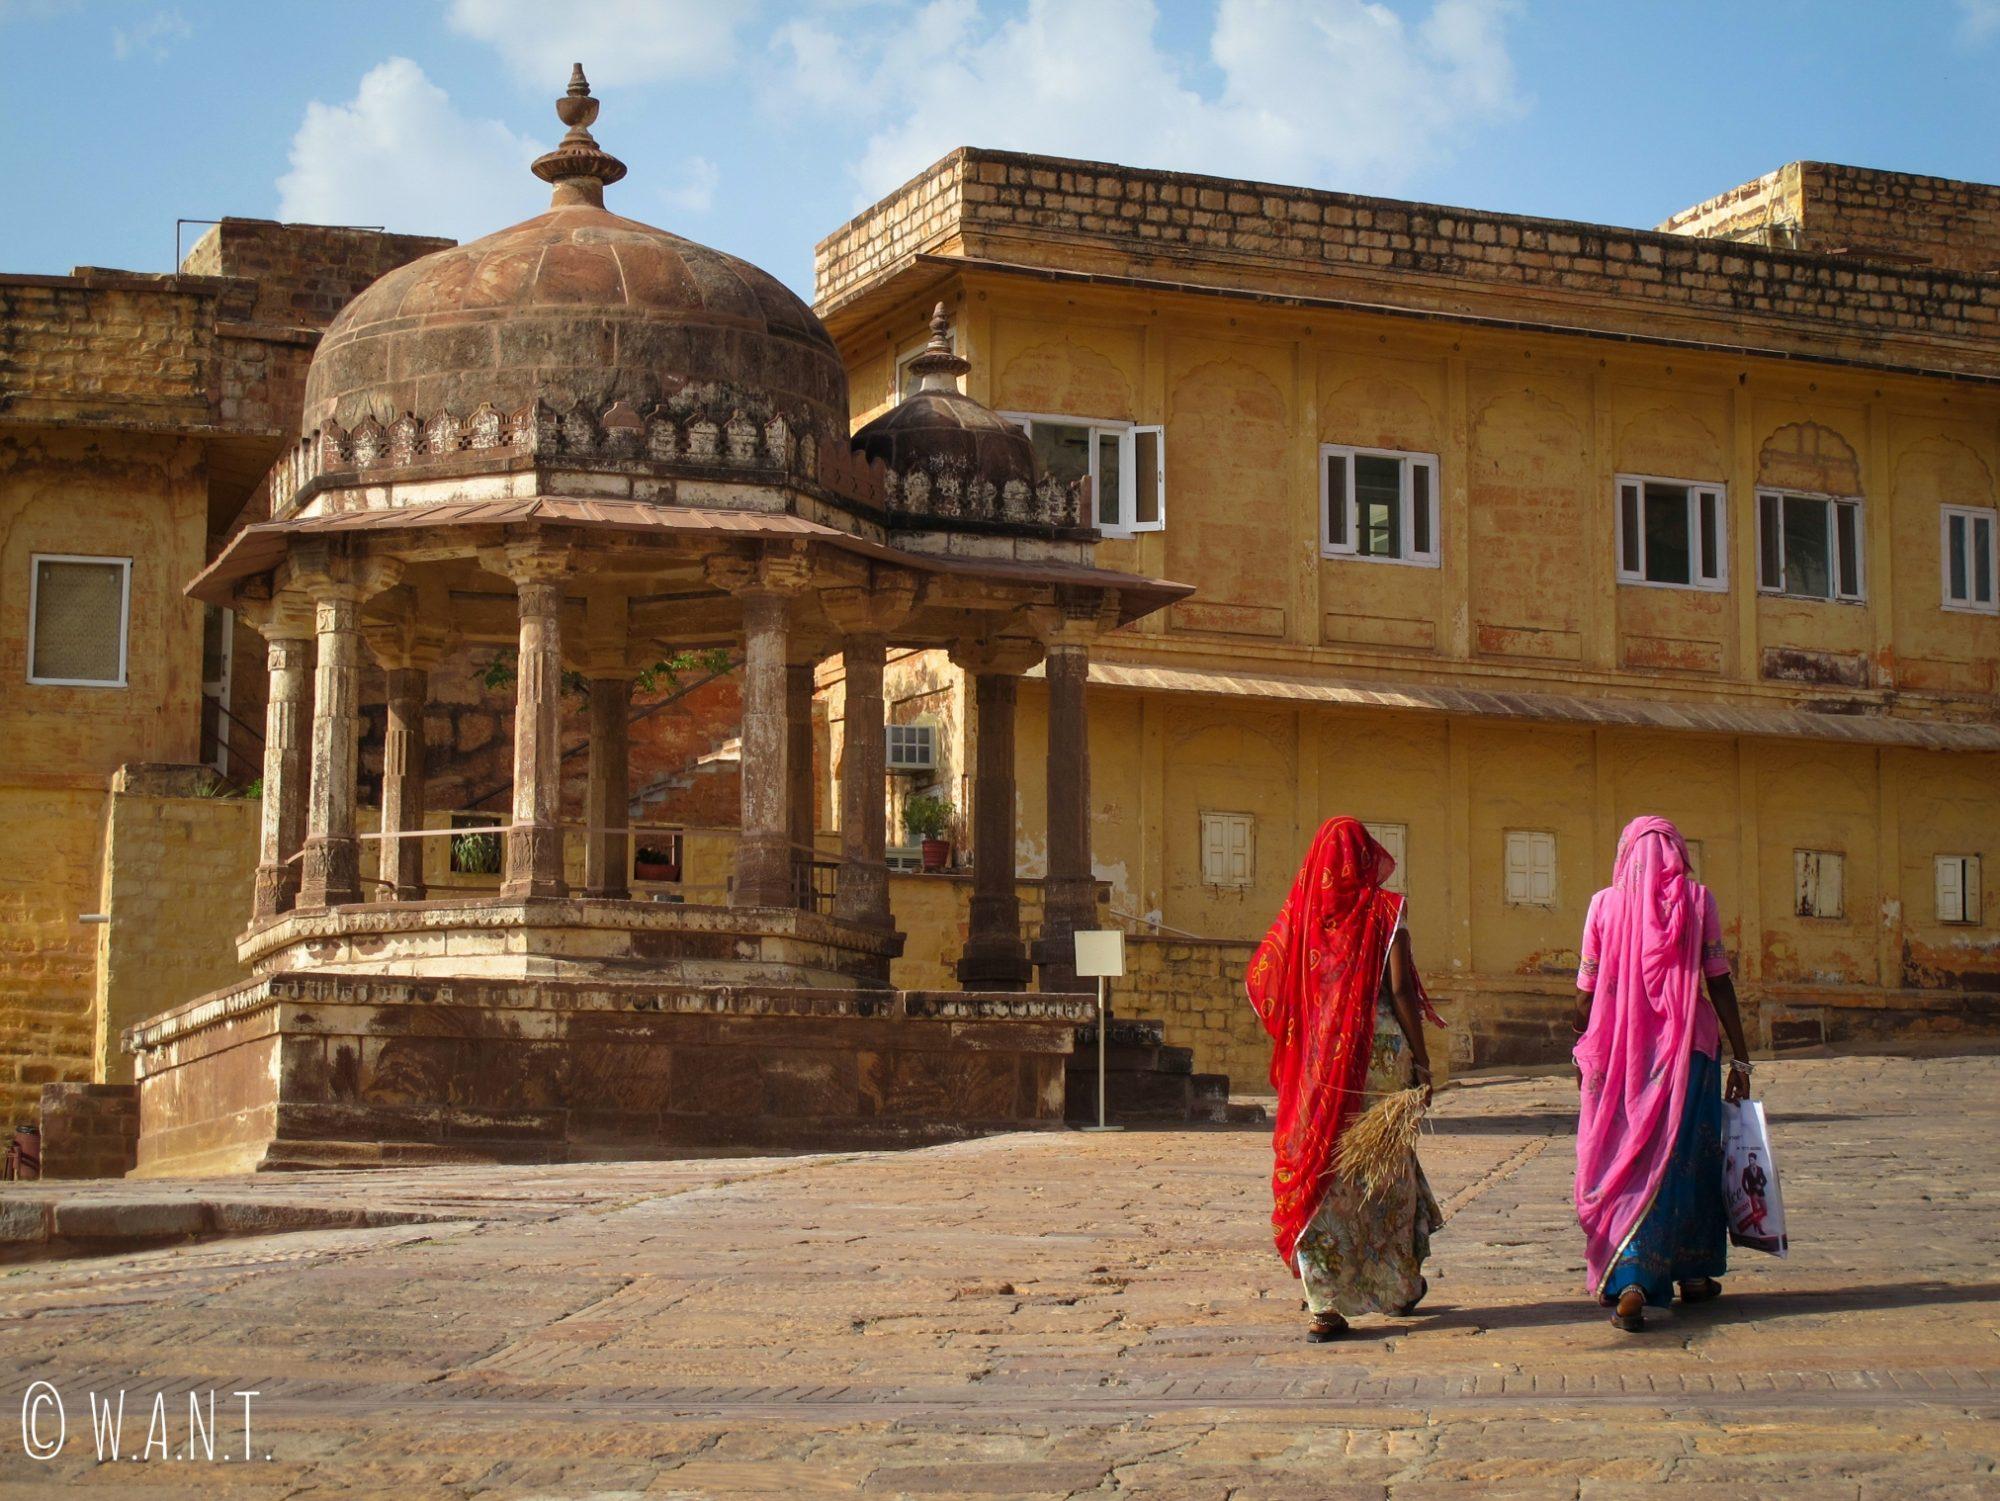 Deux femmes marchent dans l'enceinte du Fort de Mehrangarh